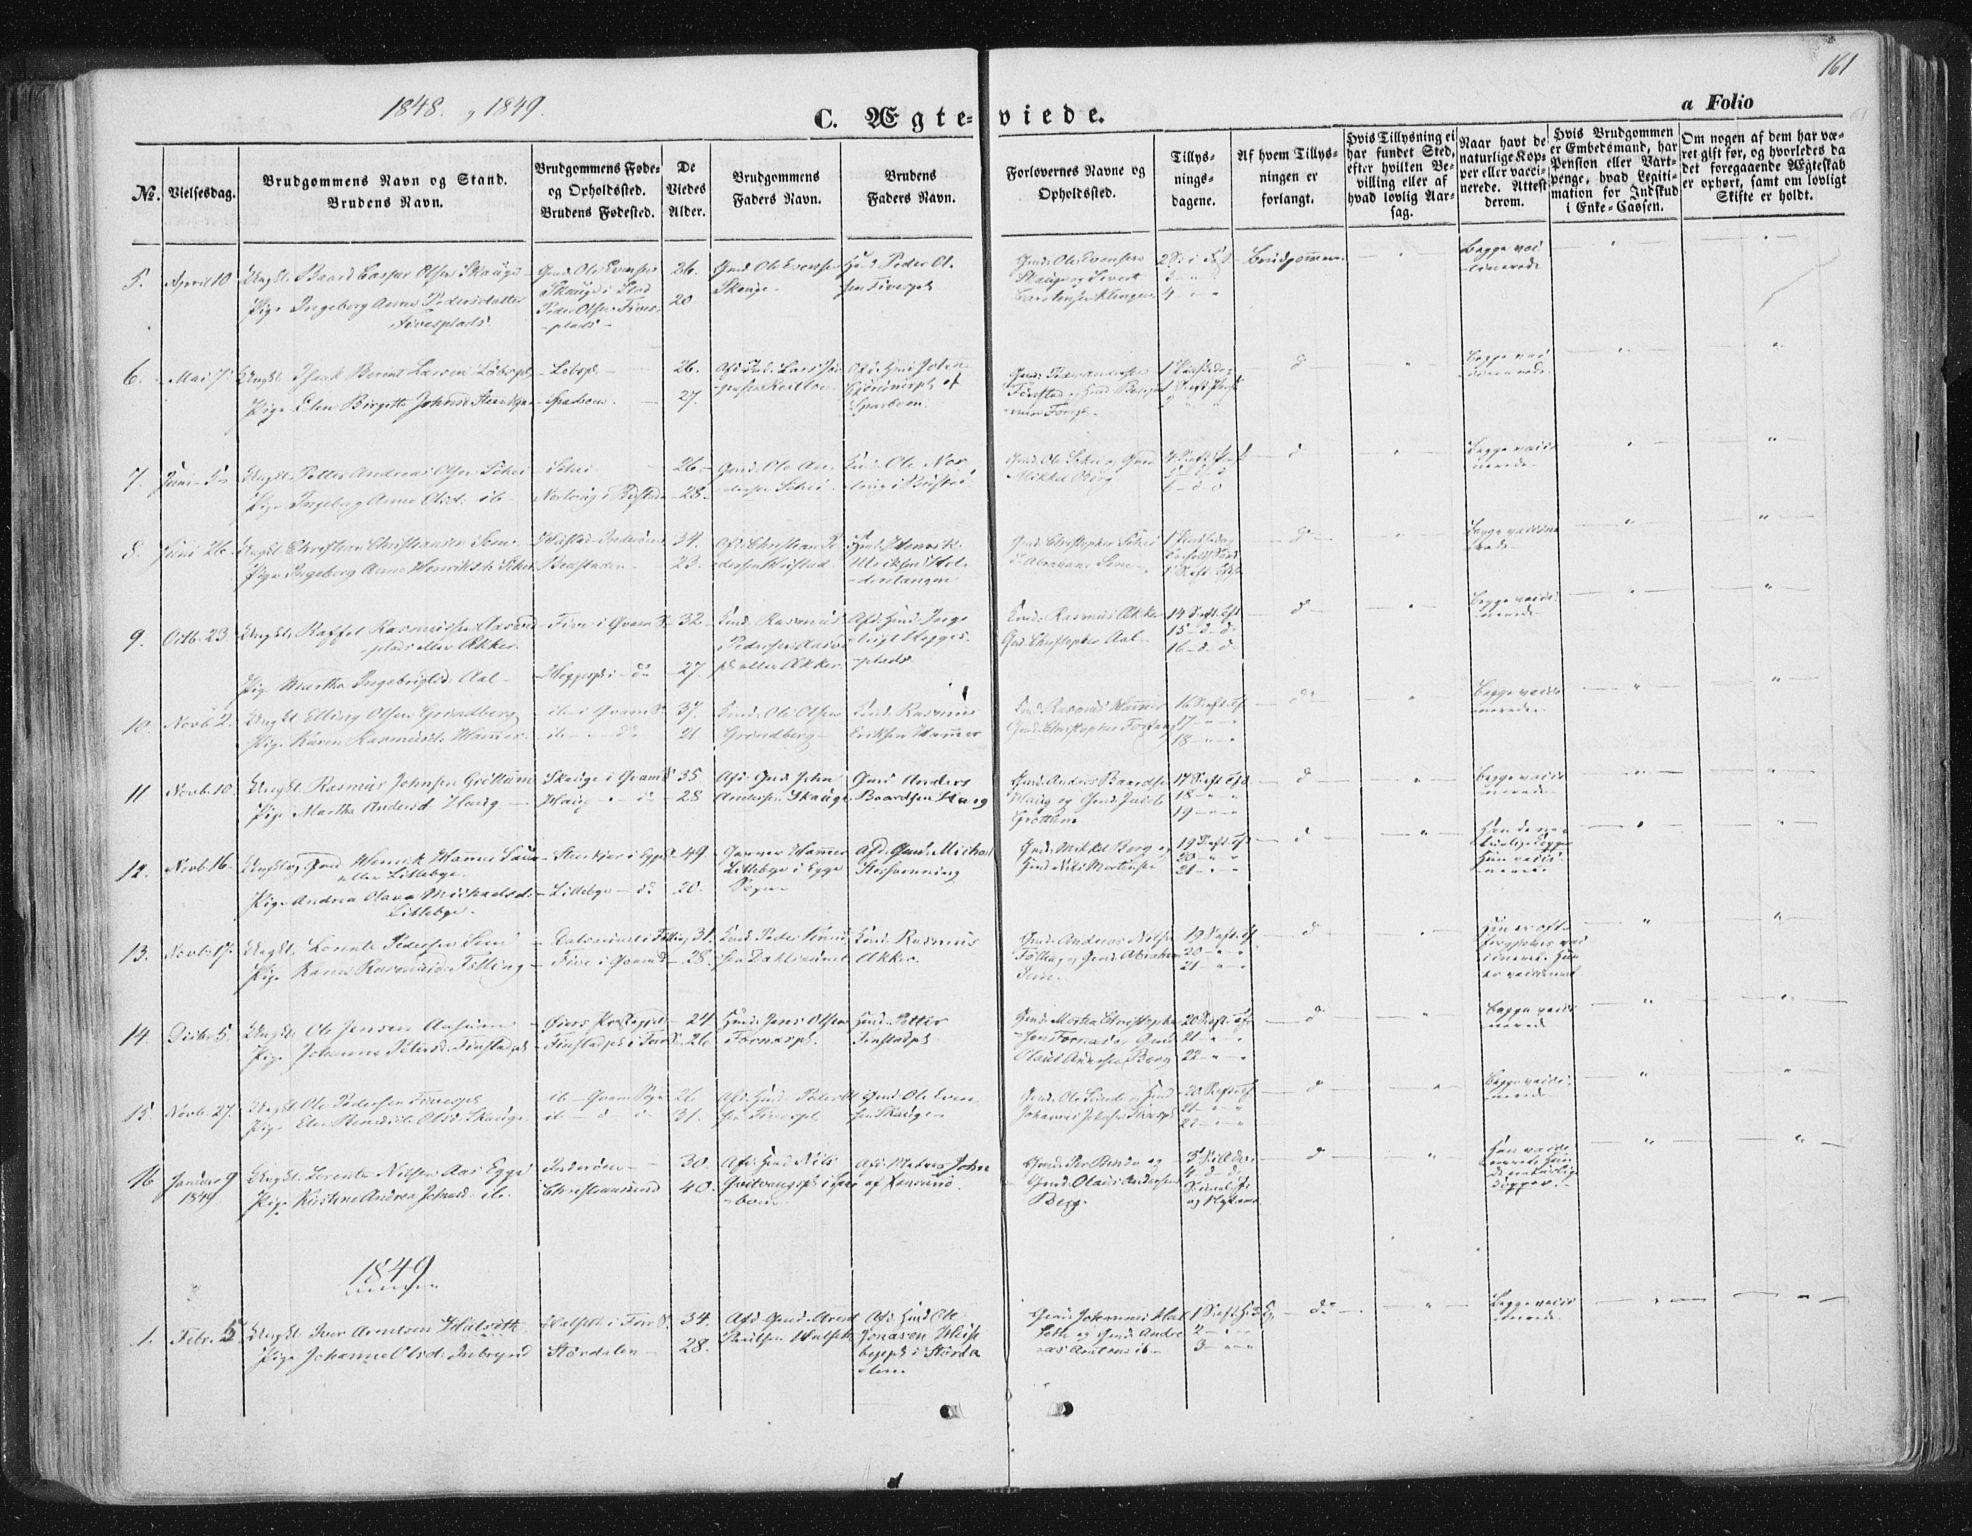 SAT, Ministerialprotokoller, klokkerbøker og fødselsregistre - Nord-Trøndelag, 746/L0446: Ministerialbok nr. 746A05, 1846-1859, s. 161